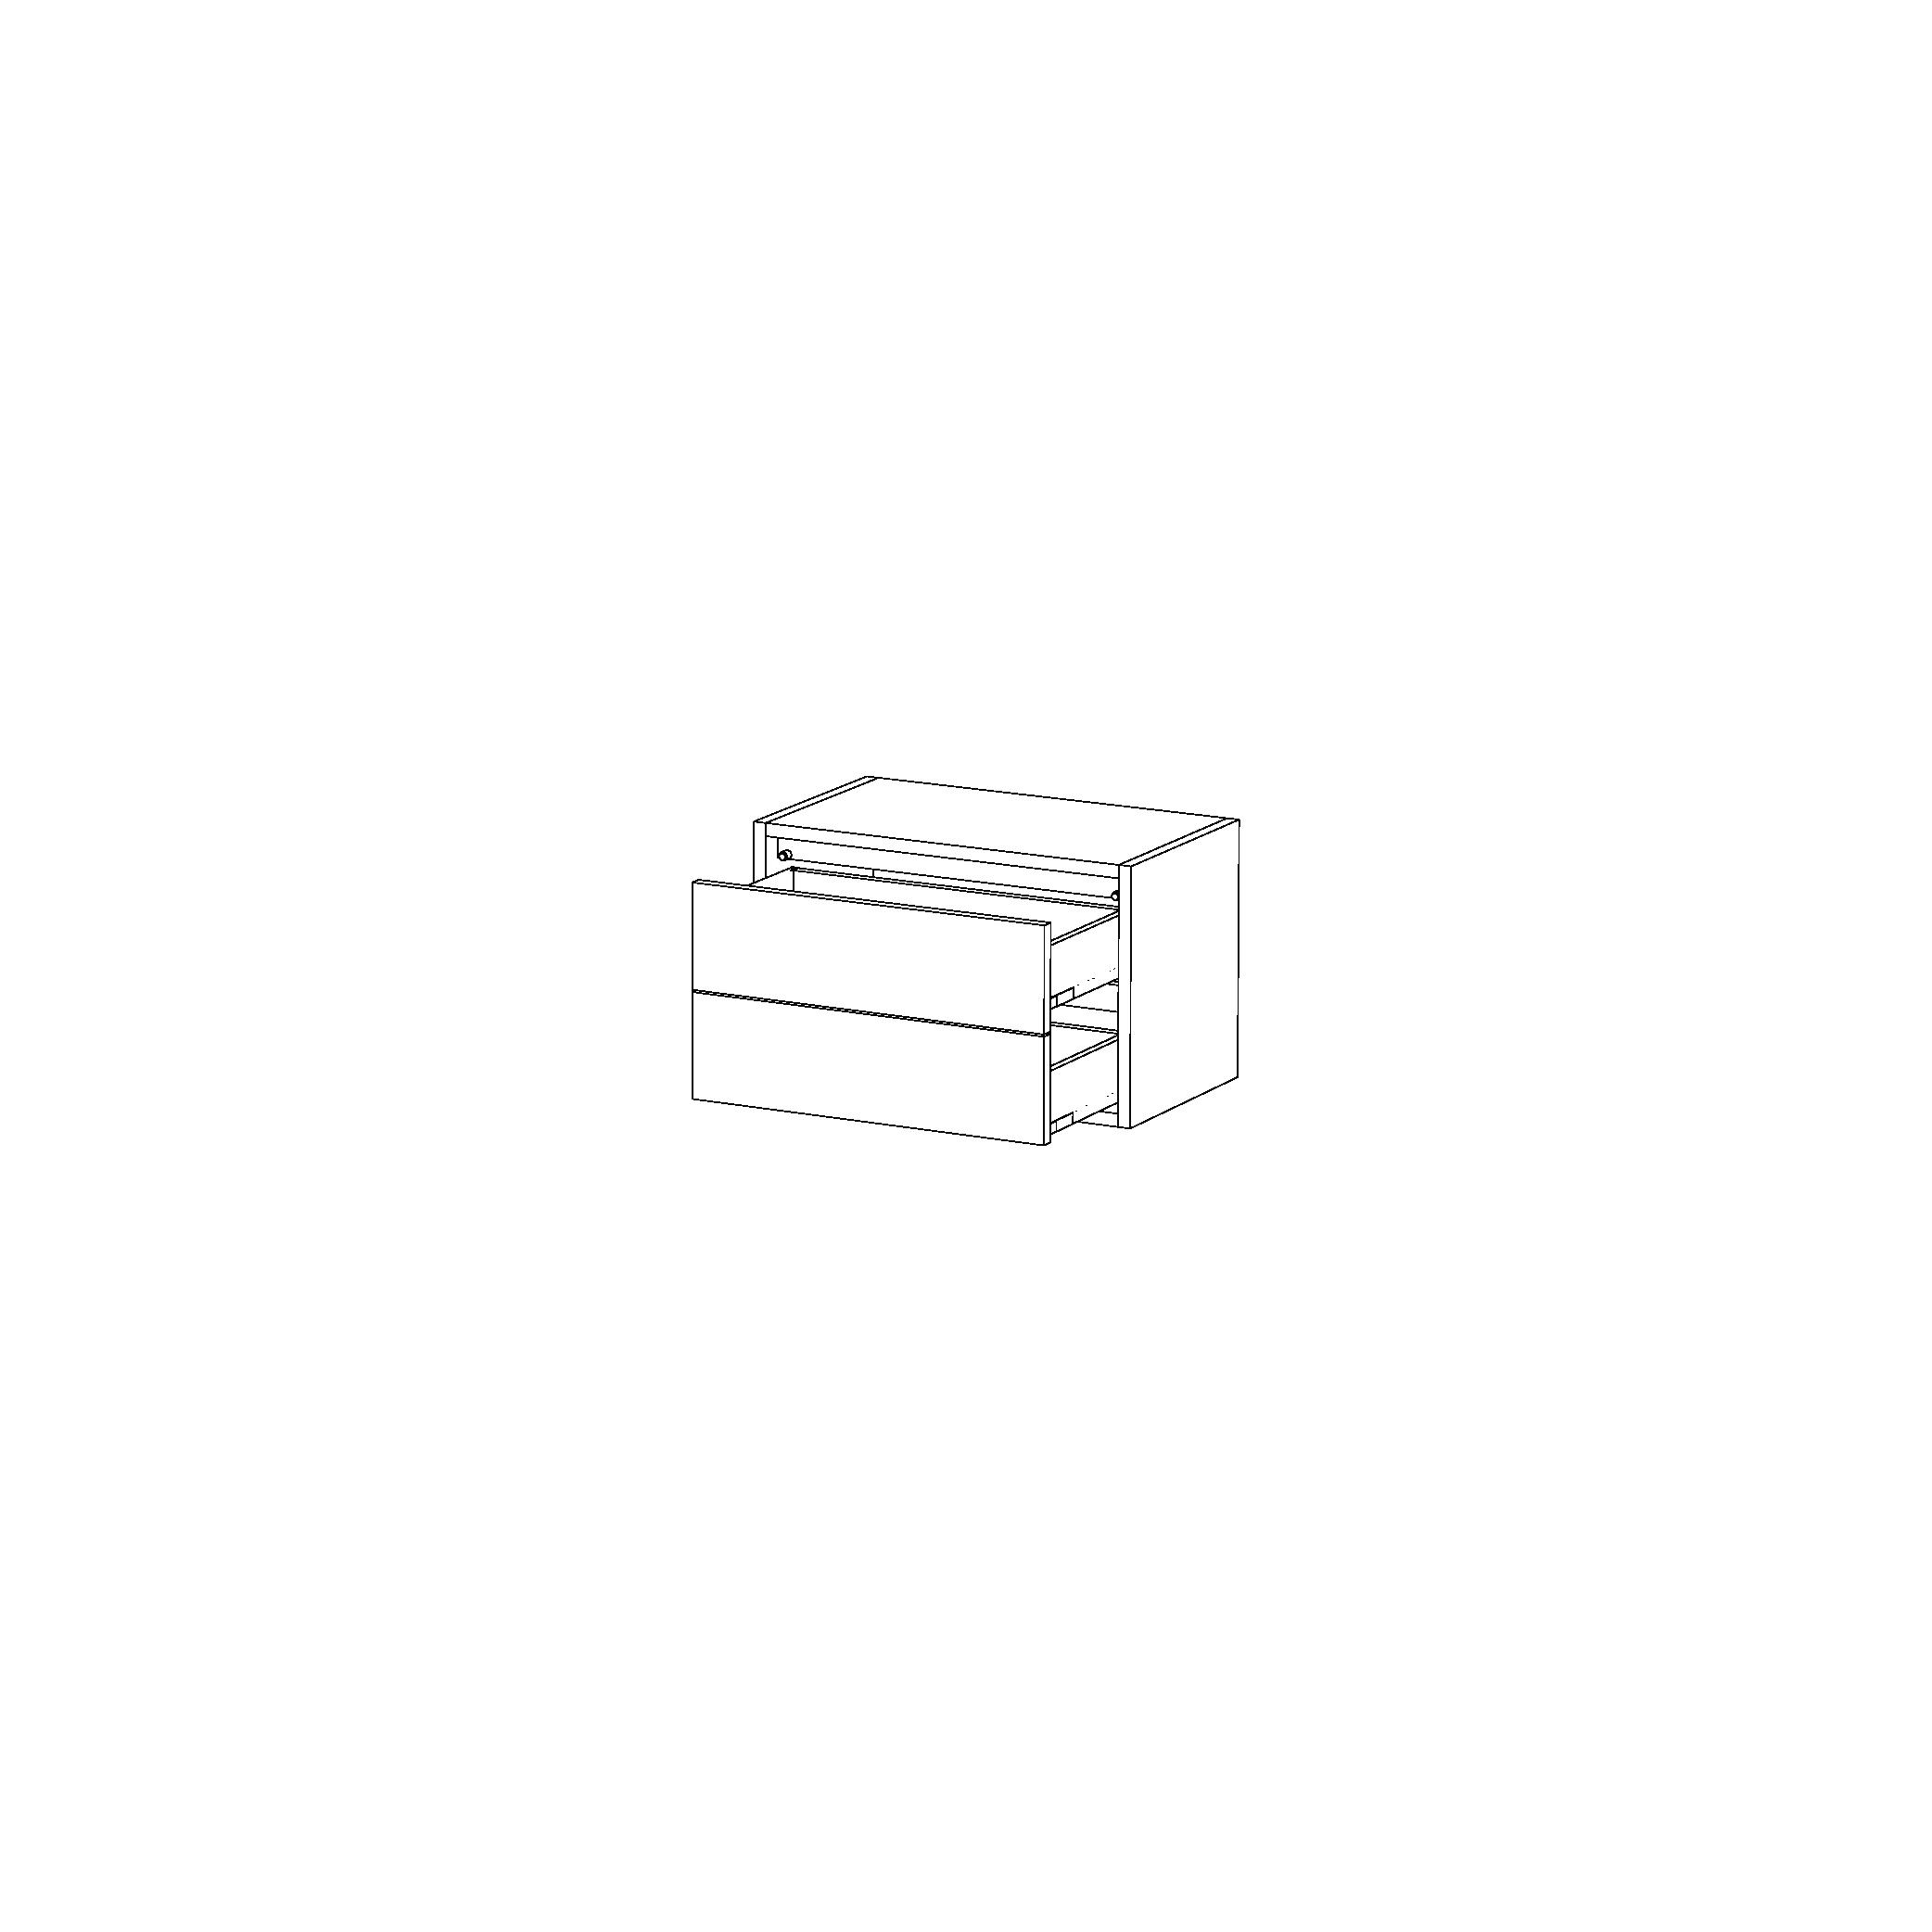 SLIDE 1/6